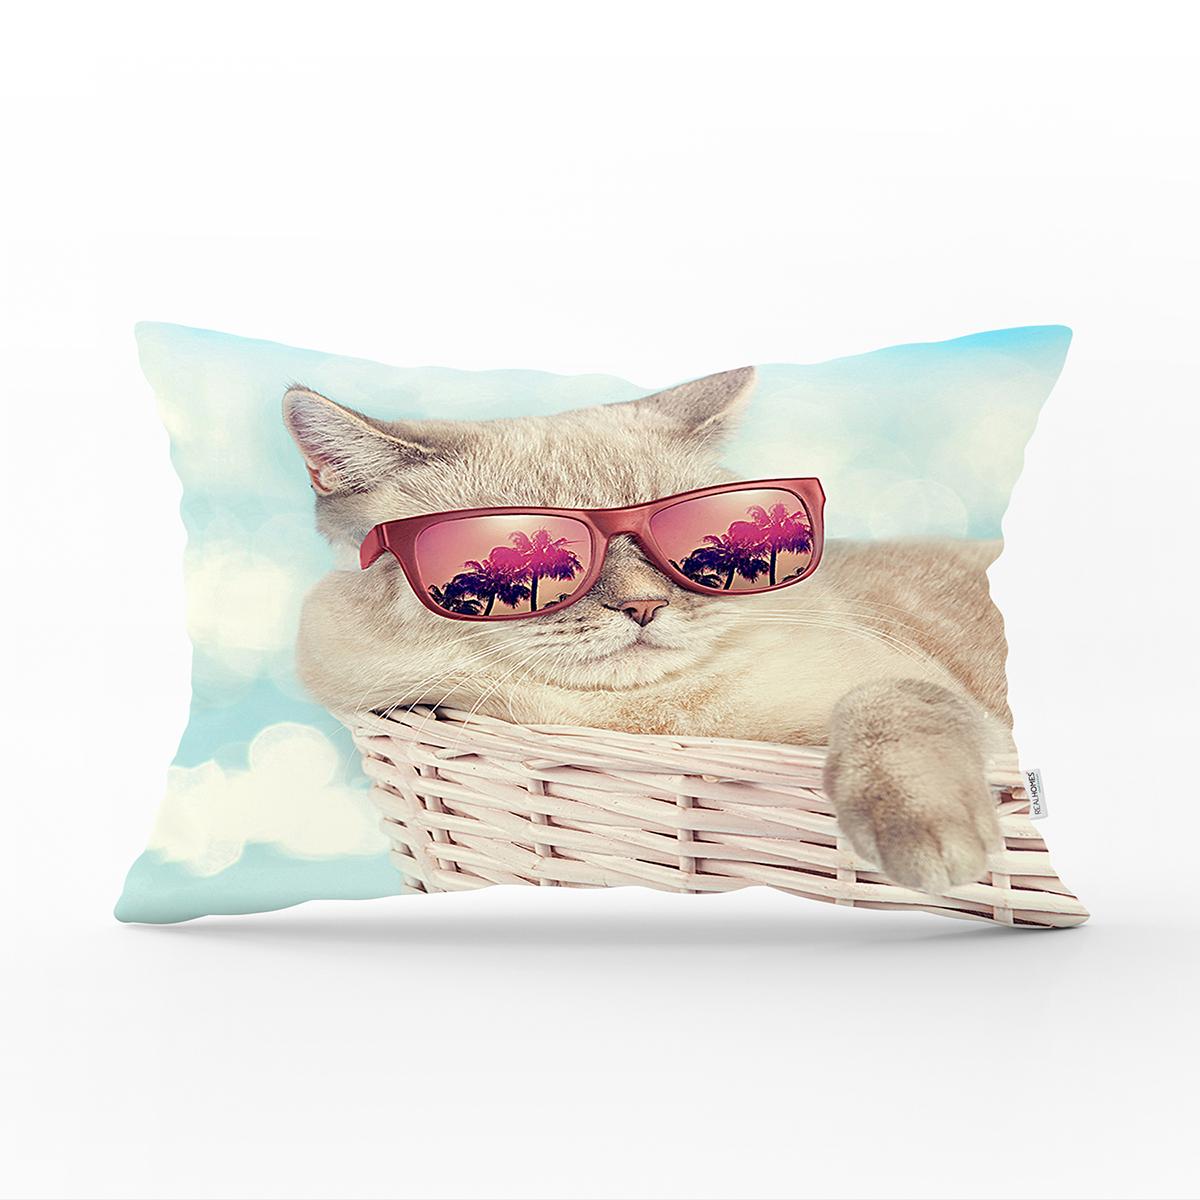 Sepetteki Gözlüklü Kedi Baskılı Modern Dikdörtgen Yastık Kırlent Kılıfı Realhomes